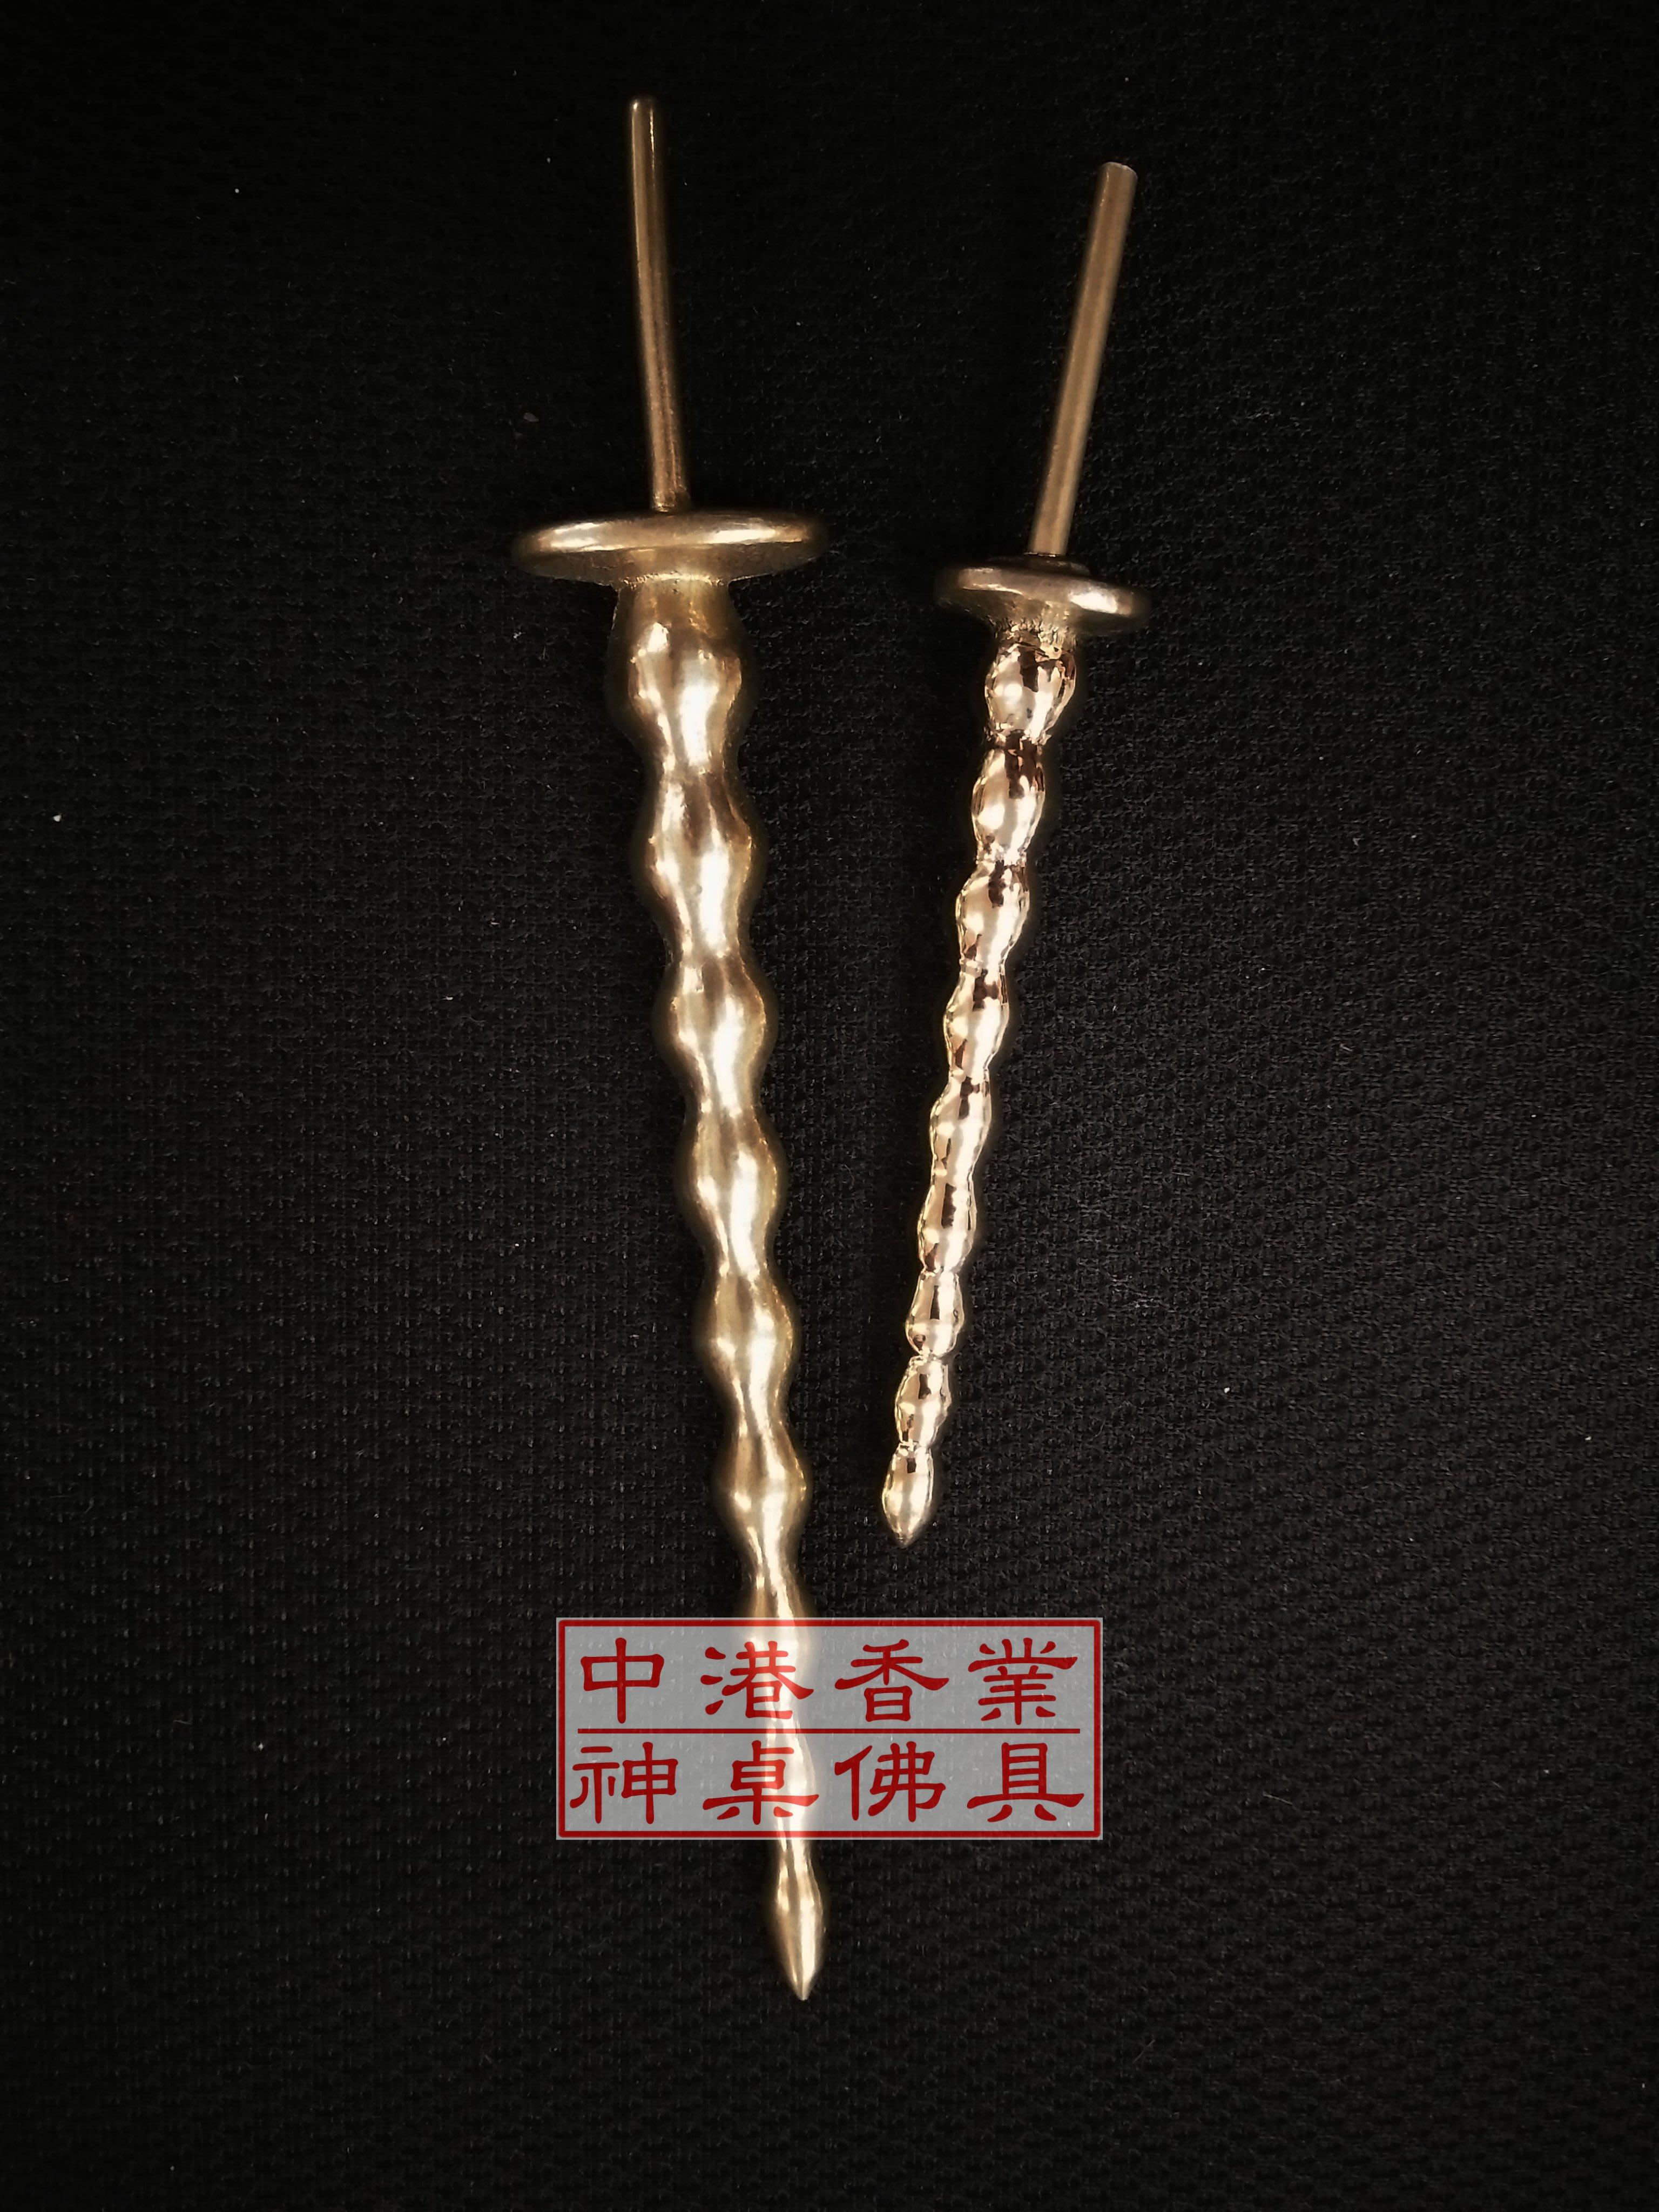 【中港香業】尺三神尊 / 九節鞭 /銅製